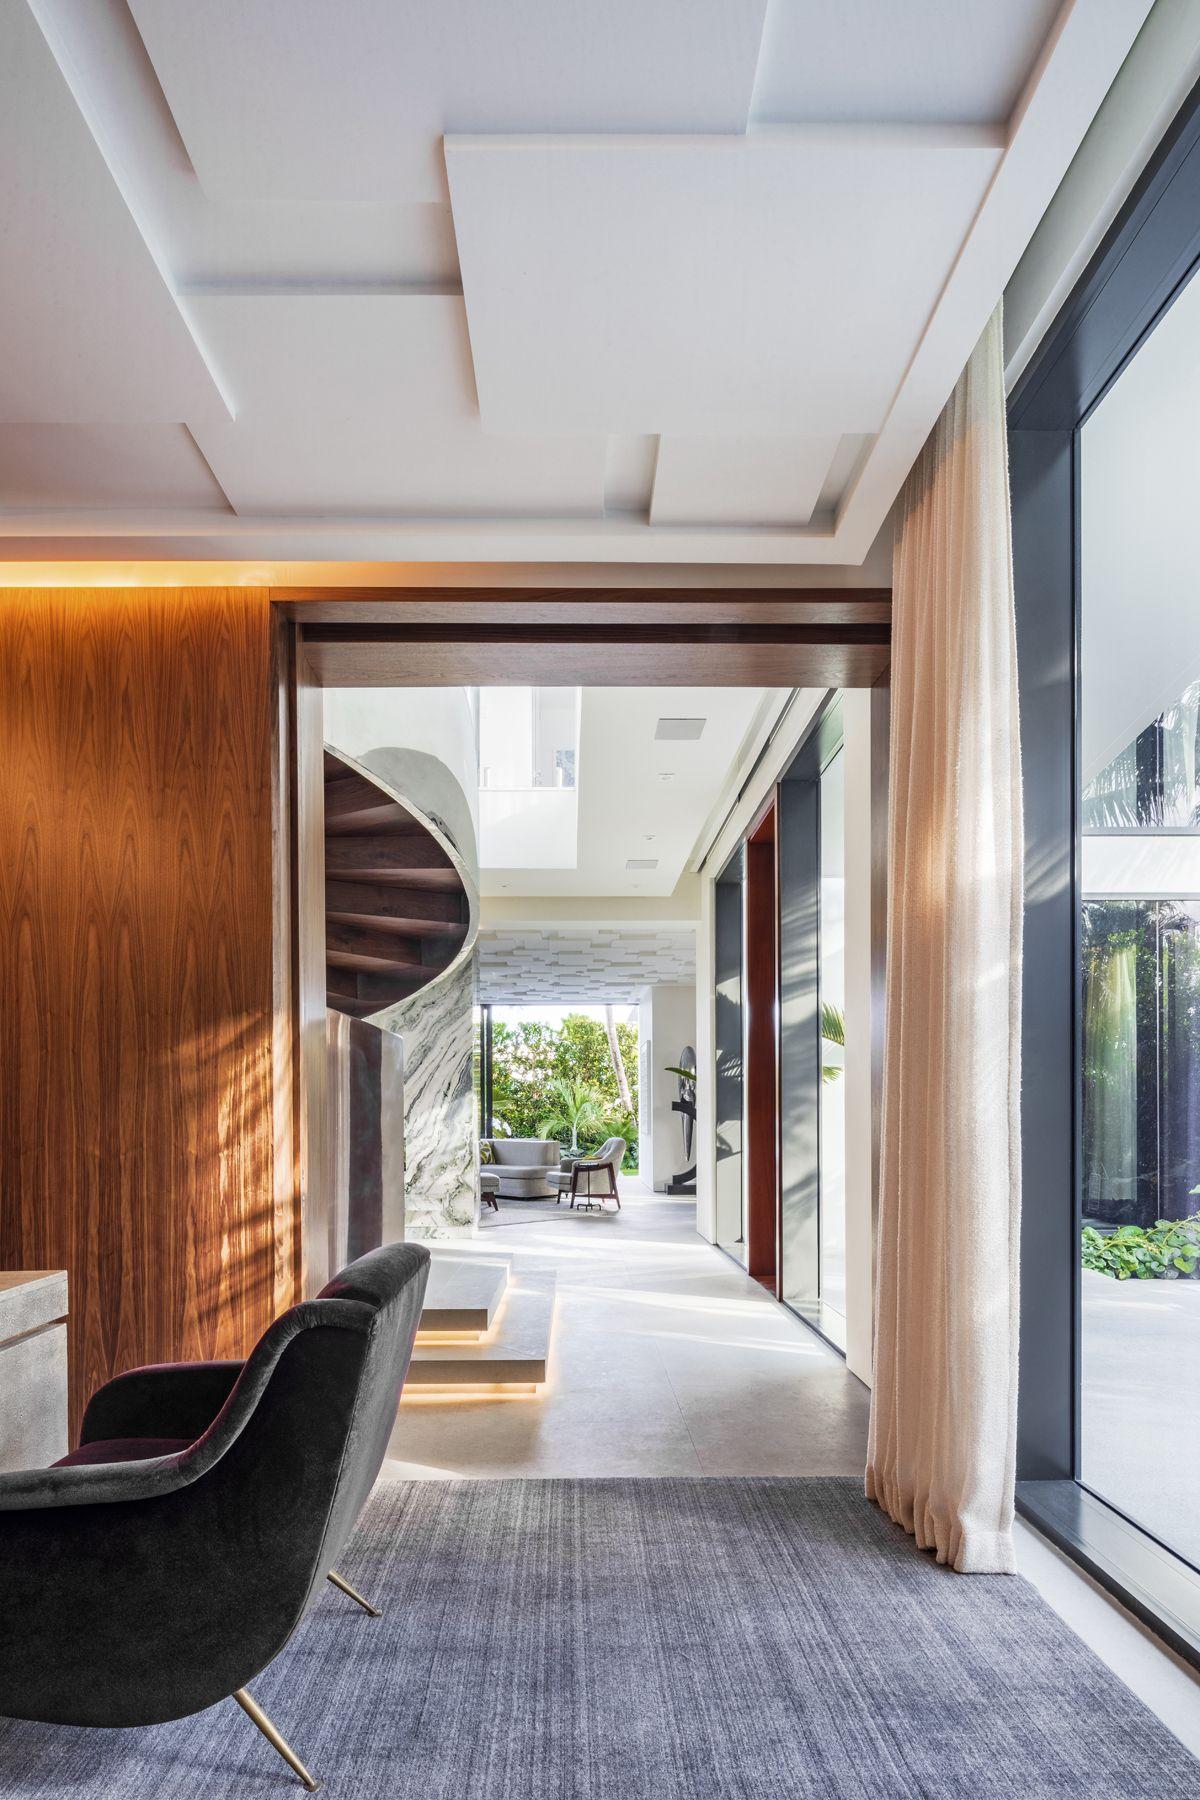 Miami S Top Interior Designers Present The Best Interior Design Ideas